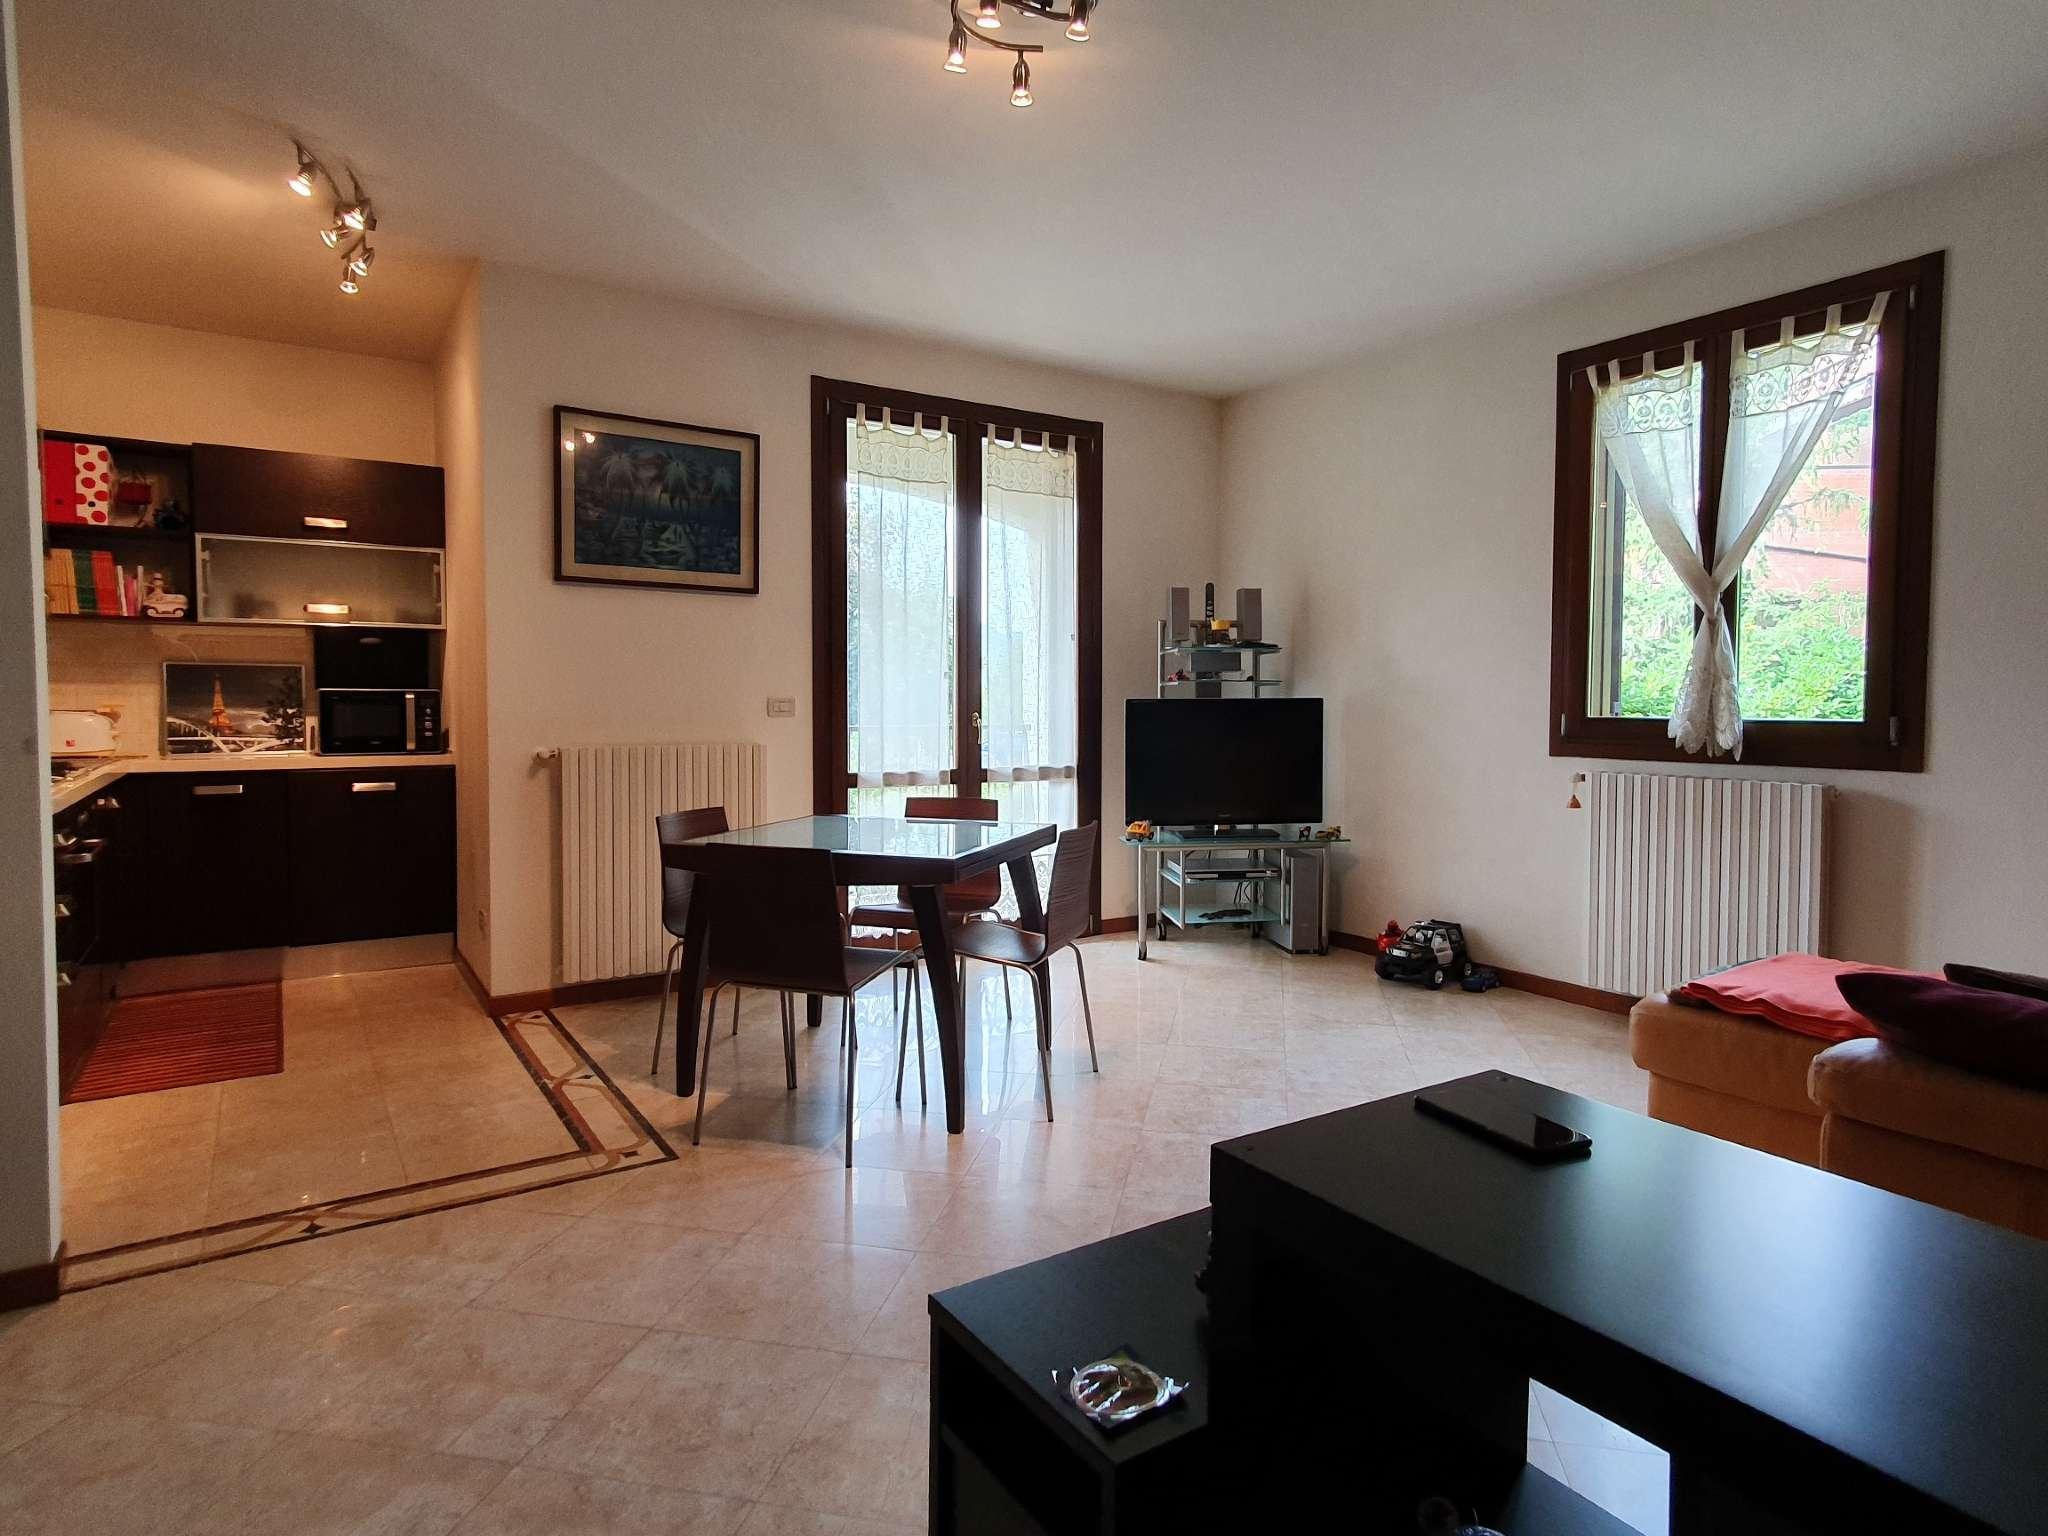 Appartamento in vendita a Monzuno, 4 locali, prezzo € 120.000 | PortaleAgenzieImmobiliari.it